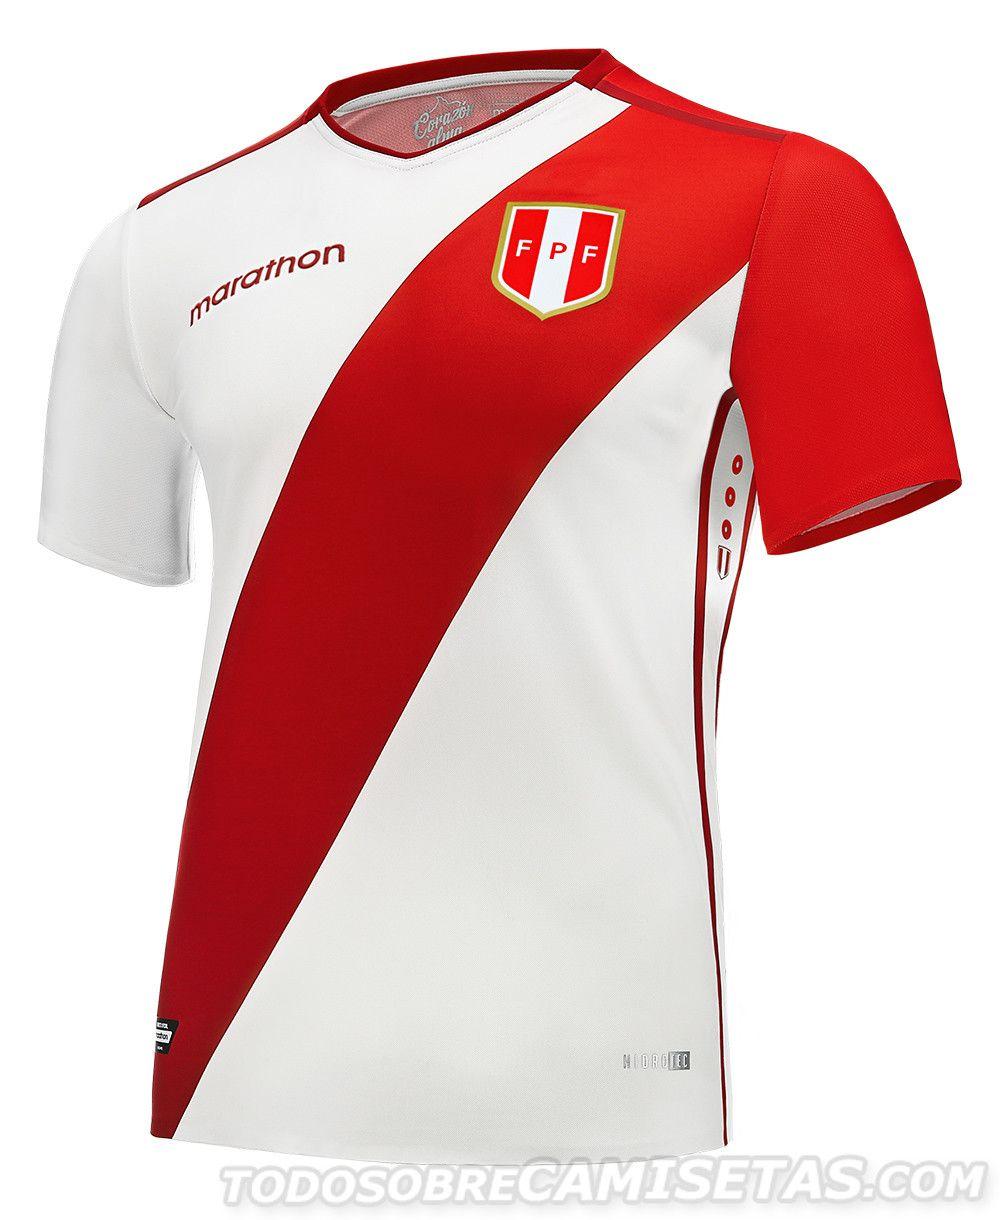 Camiseta Marathon de Peru 201819 Camisetas deportivas